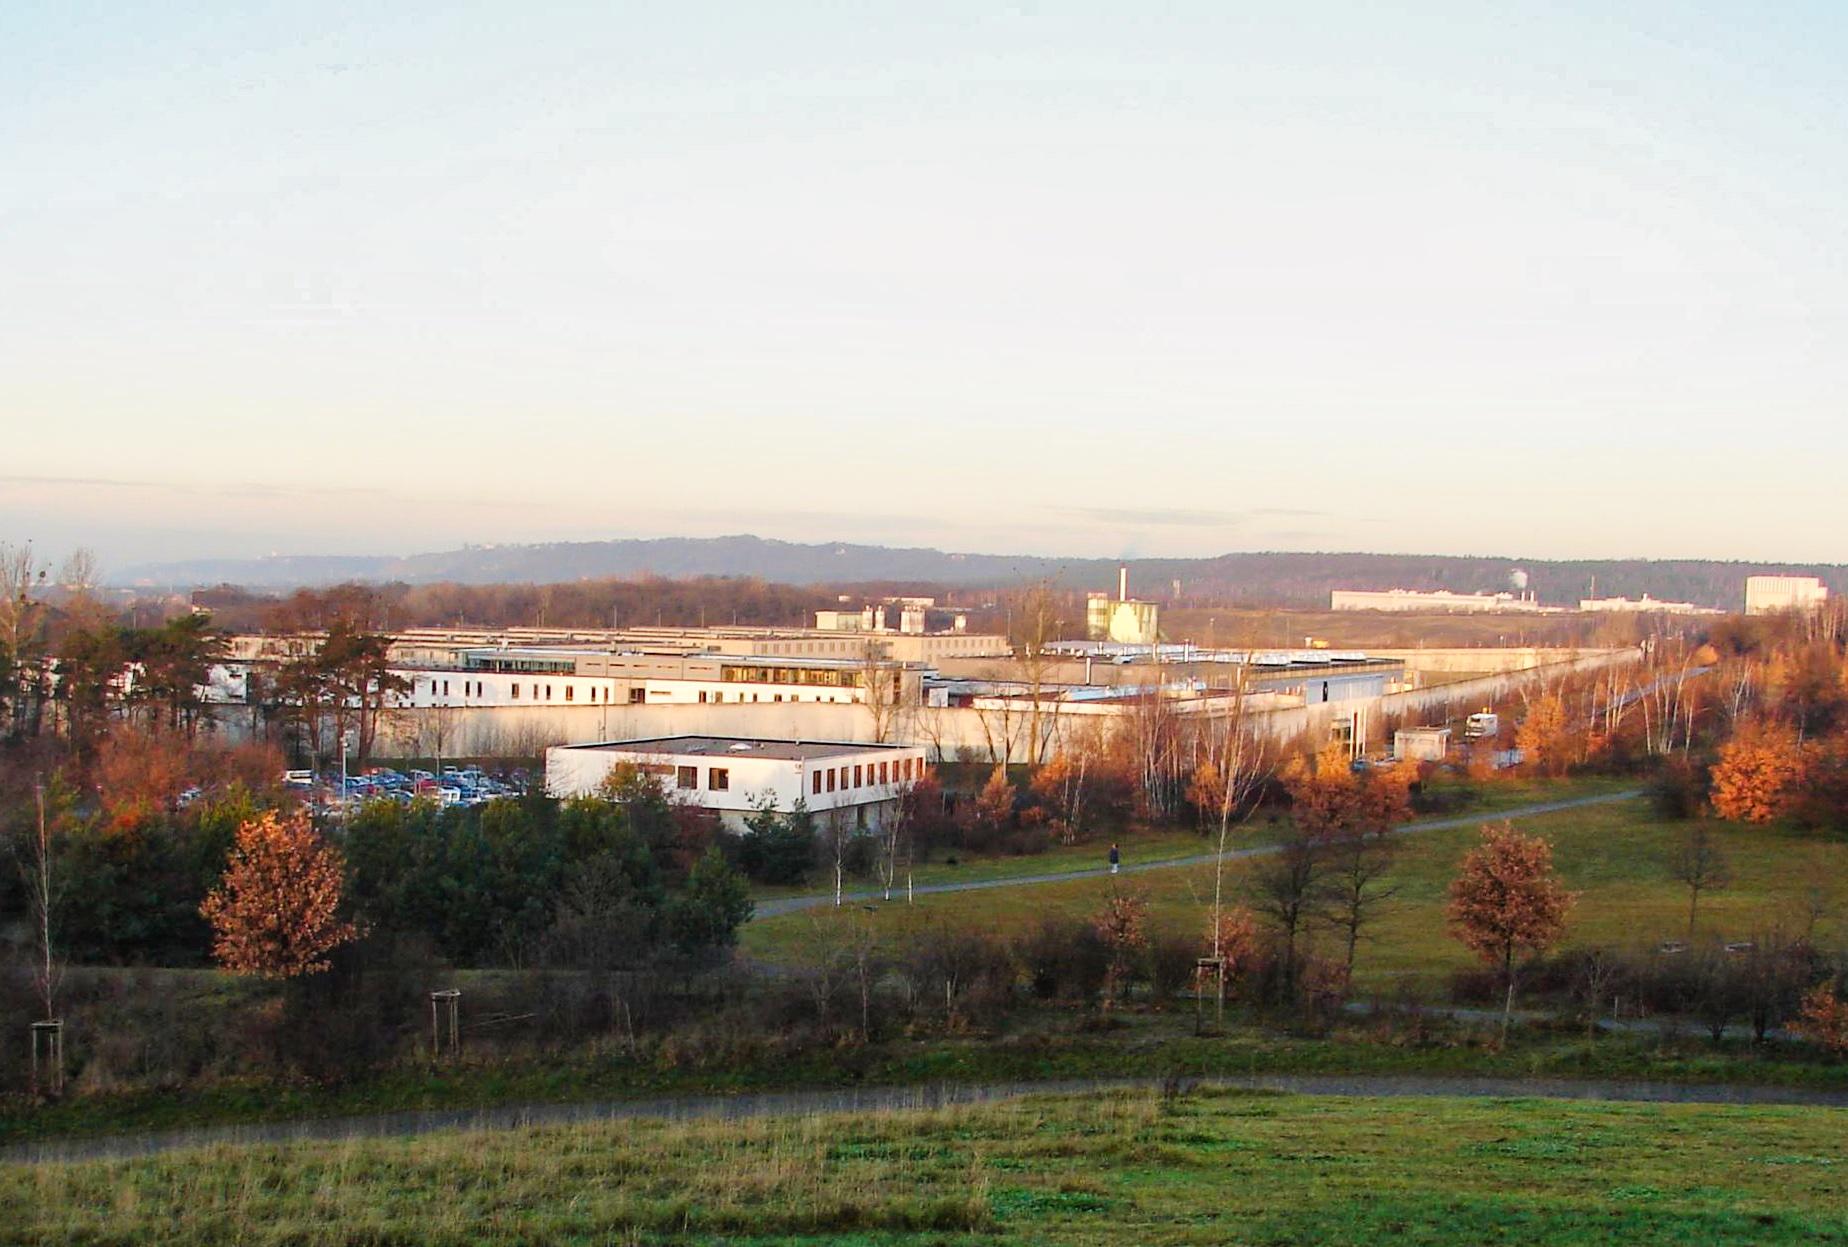 Justizvollzugsanstalt Dresden Bild: DynaMoToR Gemeinfrei